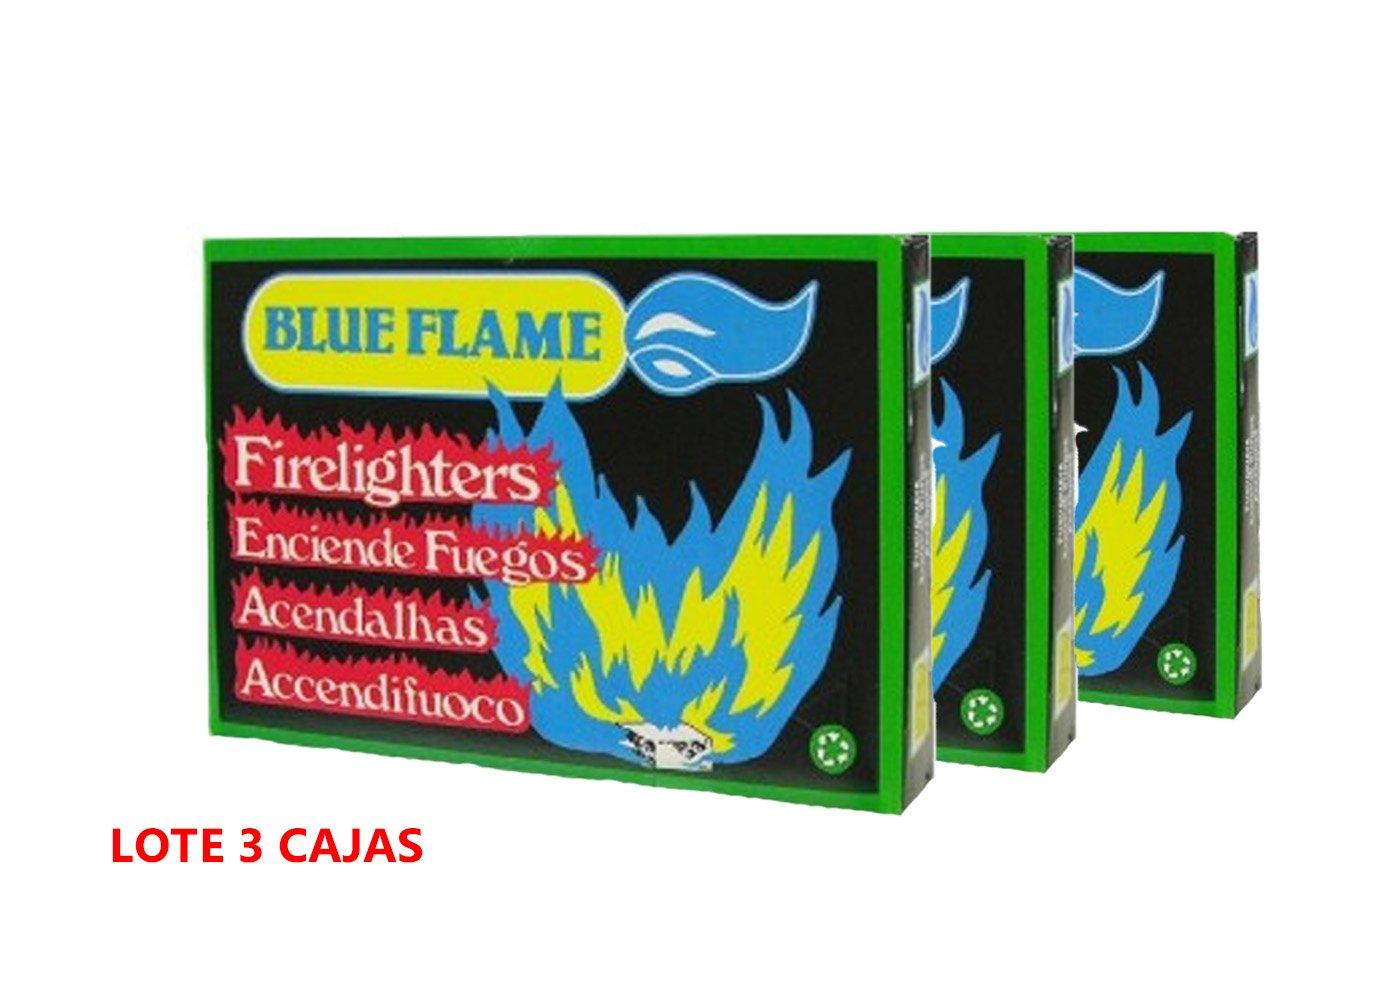 PASTILLAS DE ENCENDIDO BLUE FLAME PARA BARBACOA, CHIMENEAS, HORNOS, HOGUERAS, TABLETA PARA ENCENDER FUEGO, TABLETA BLANCA DE 96 CUBITOS.: Amazon.es: Jardín